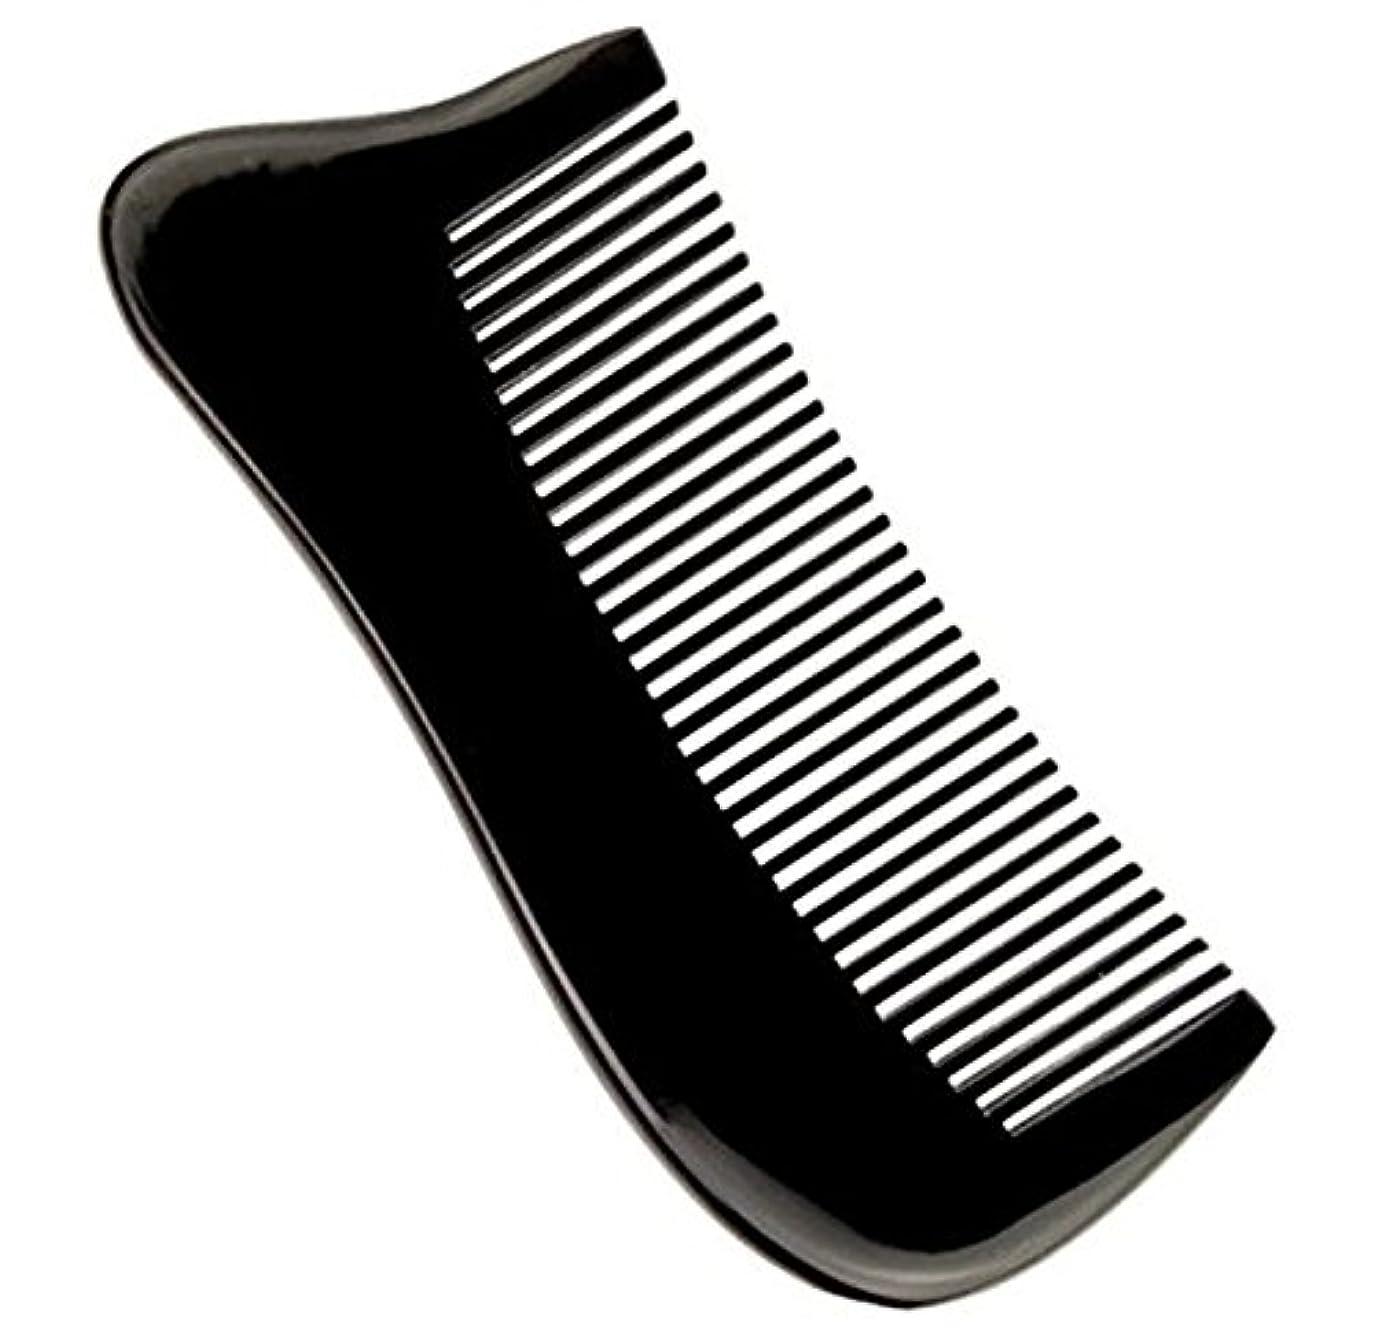 内なる船員カプラー櫛型 プロも使う牛角かっさプレート マサージ用 血行改善 高級 天然 静電気防止 美髪 美顔 ボディ リンパマッサージ